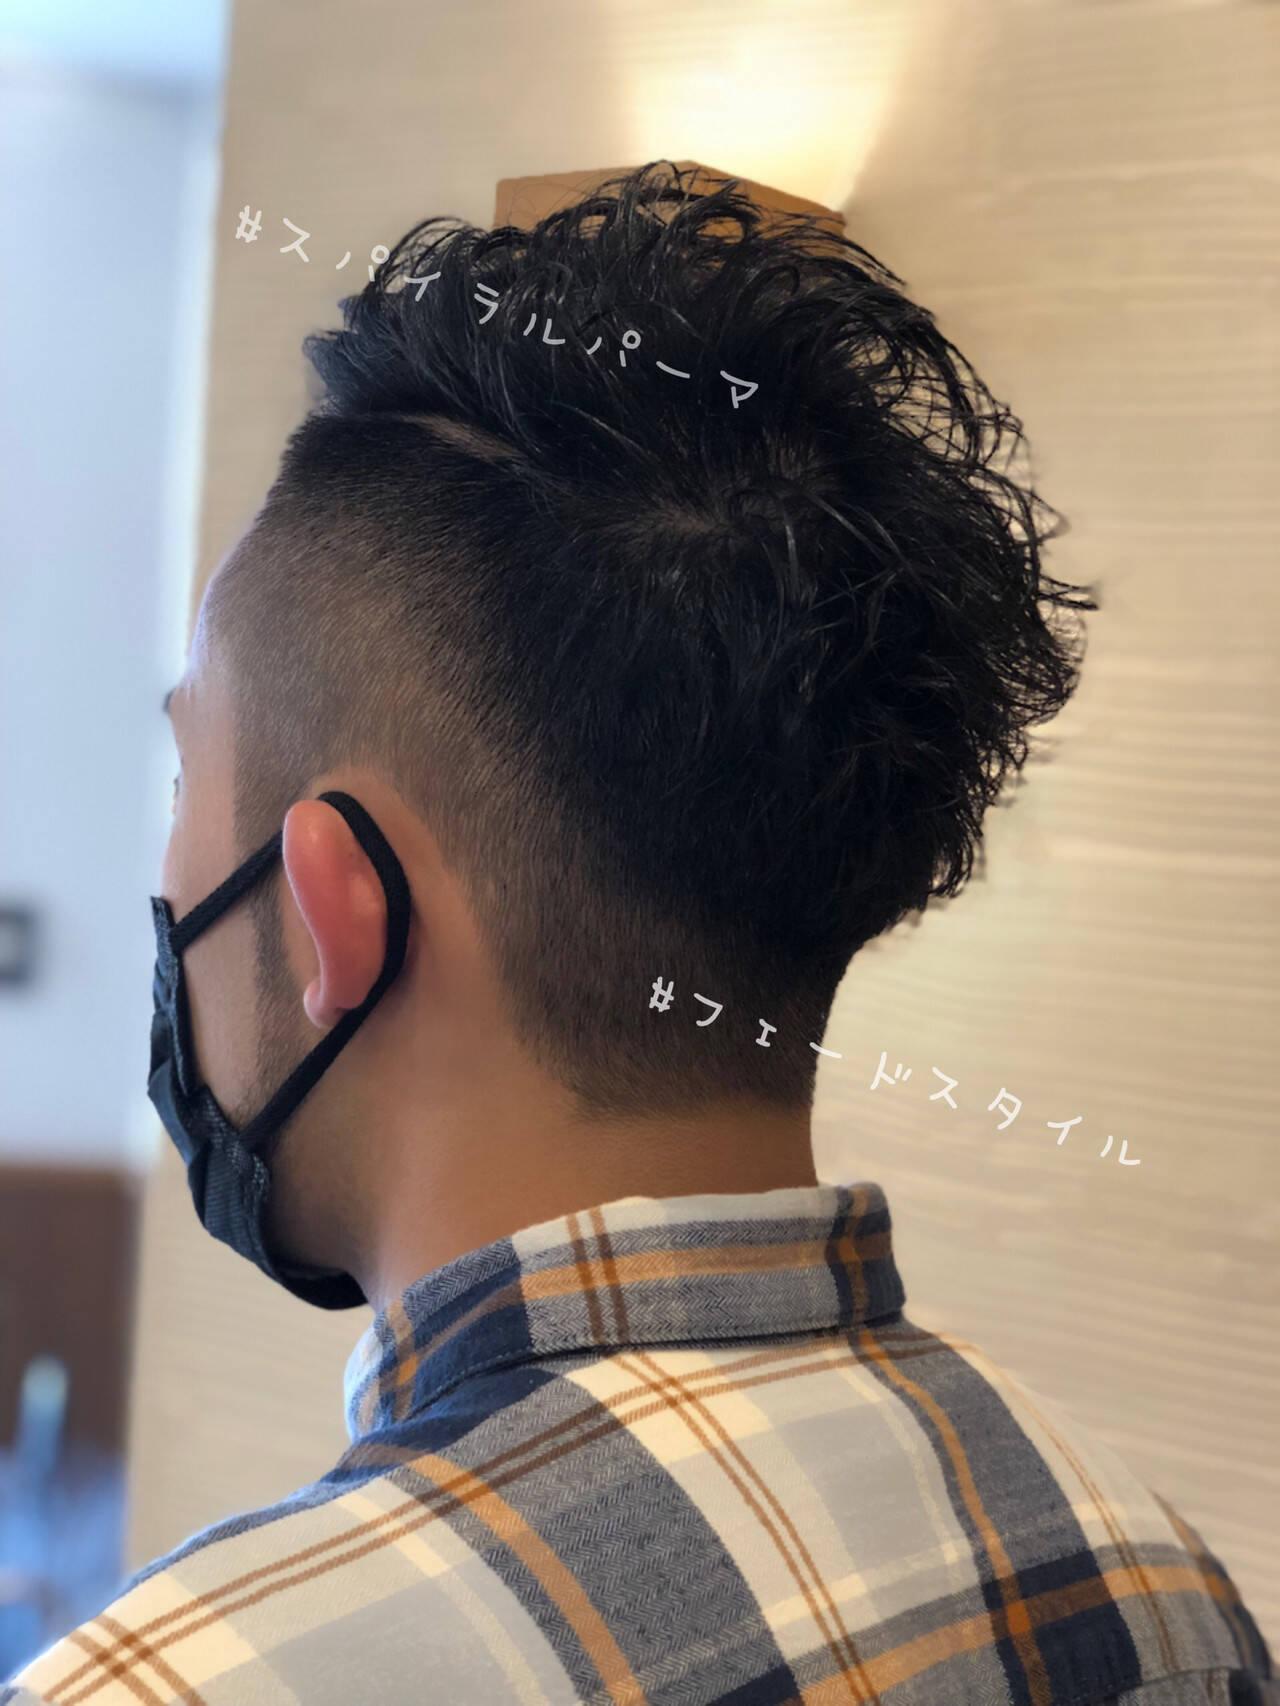 メンズヘア メンズカット スパイラルパーマ フェードカットヘアスタイルや髪型の写真・画像